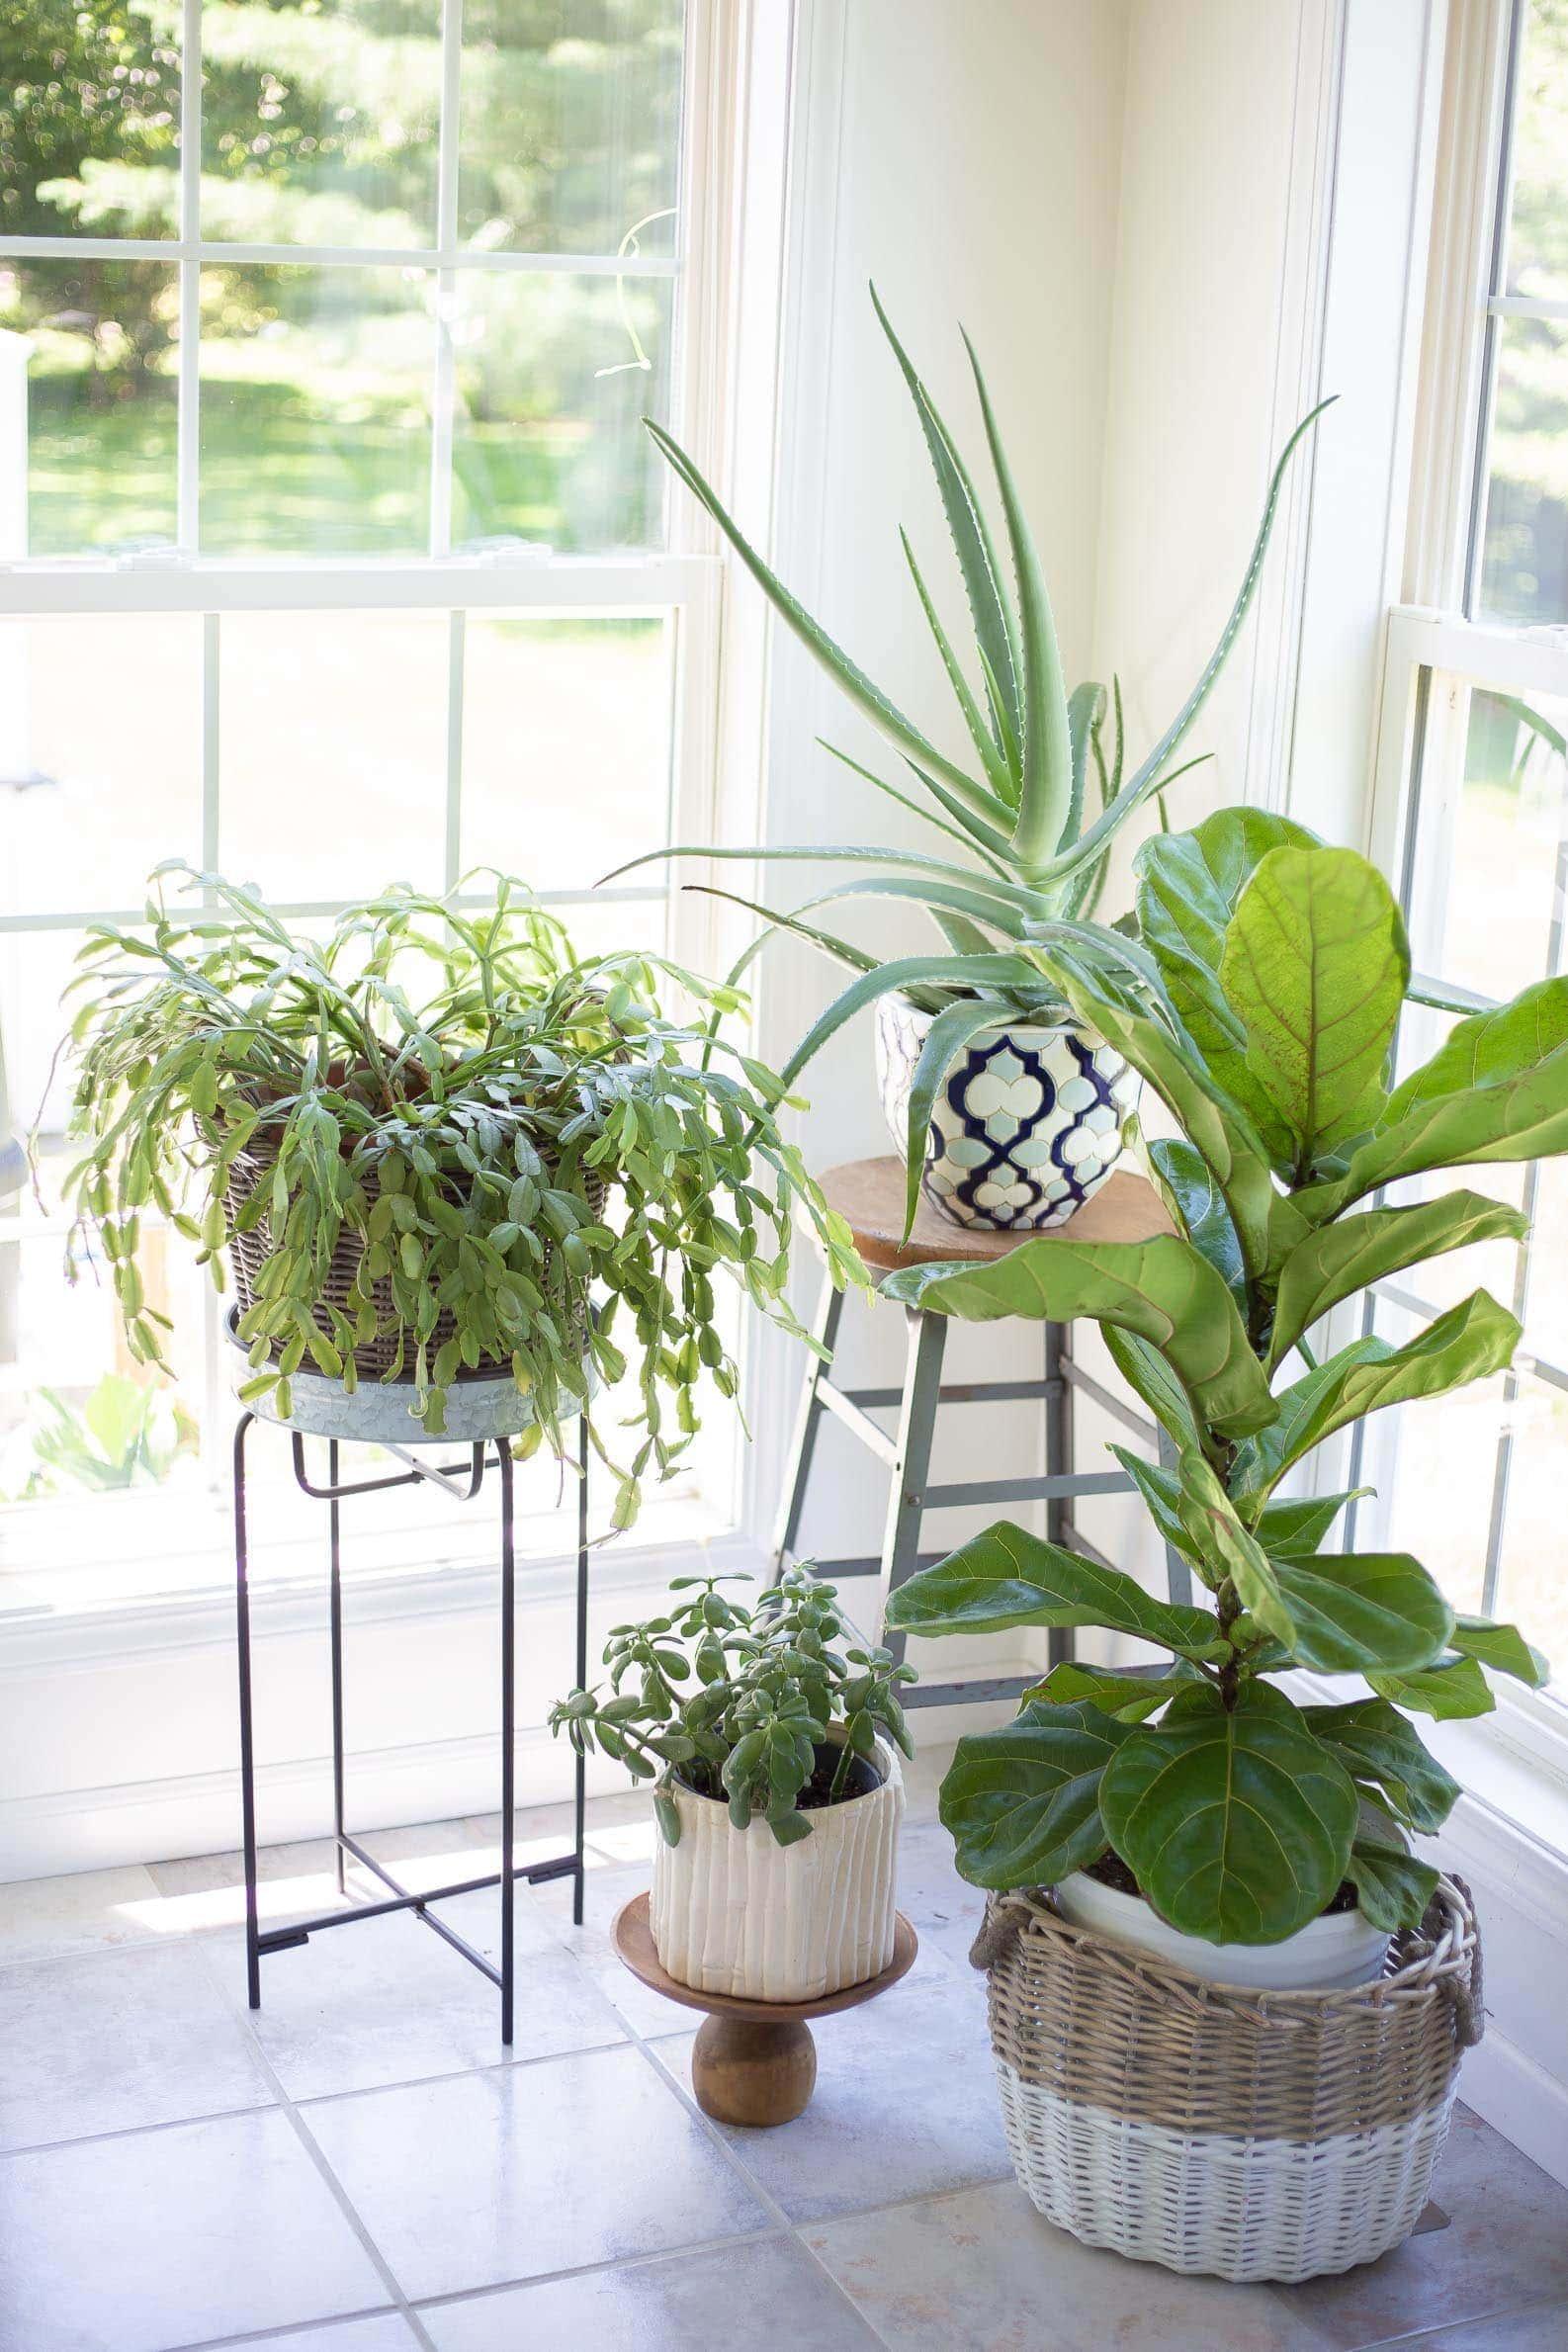 benefits of indoor plants in home office space